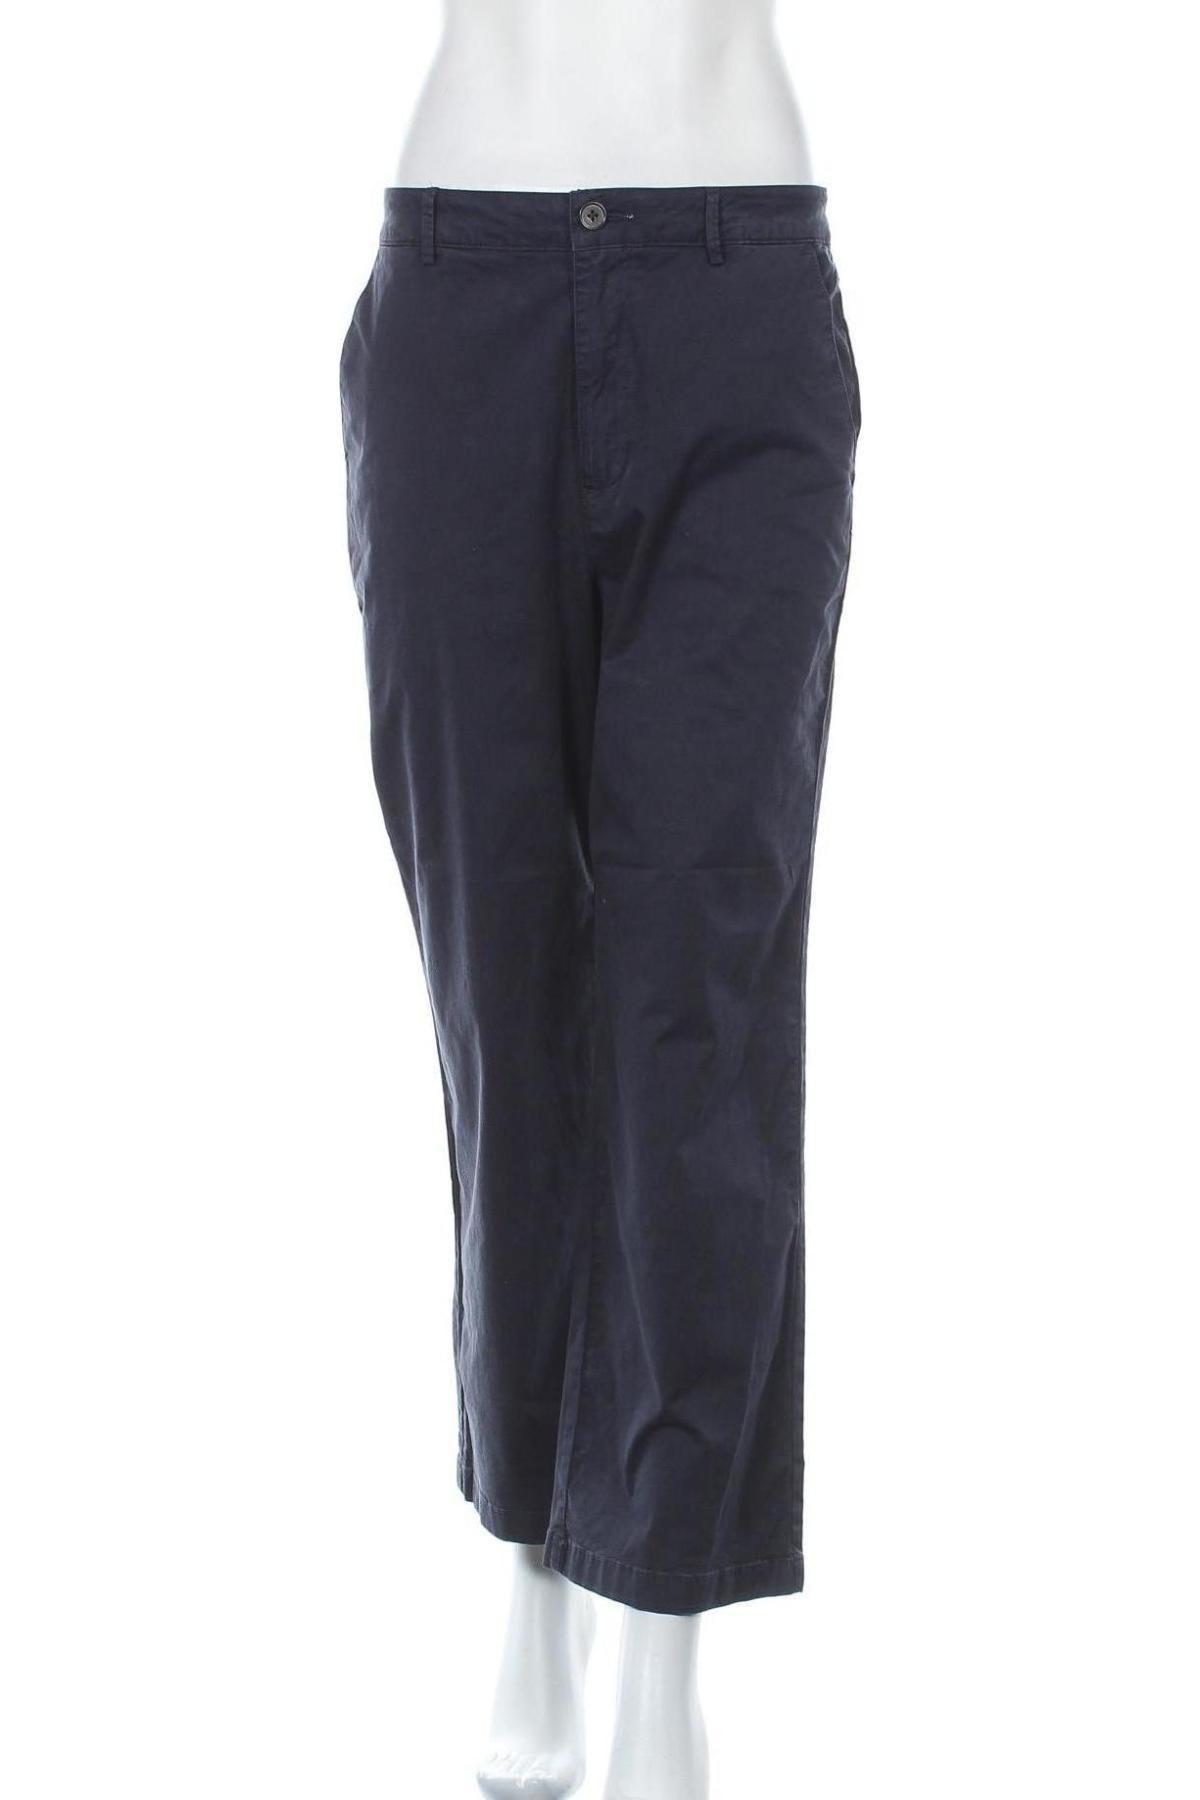 Дамски панталон Joseph Janard, Размер M, Цвят Син, 97% памук, 3% еластан, Цена 14,45лв.